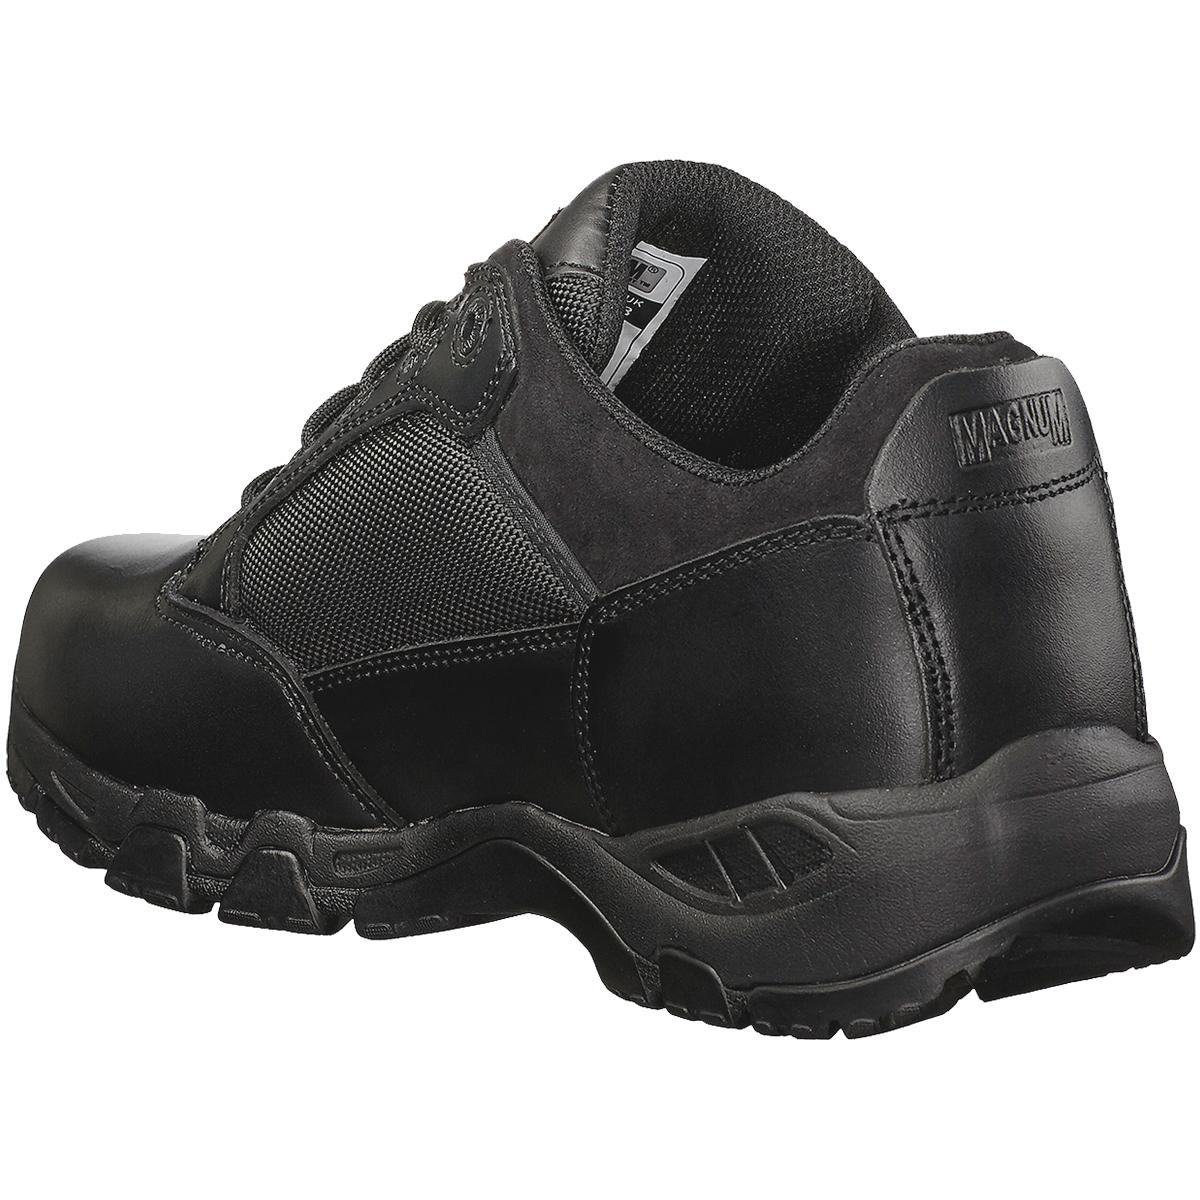 Negro Viper TACTICAL Sneaker Negro L Chaqueta